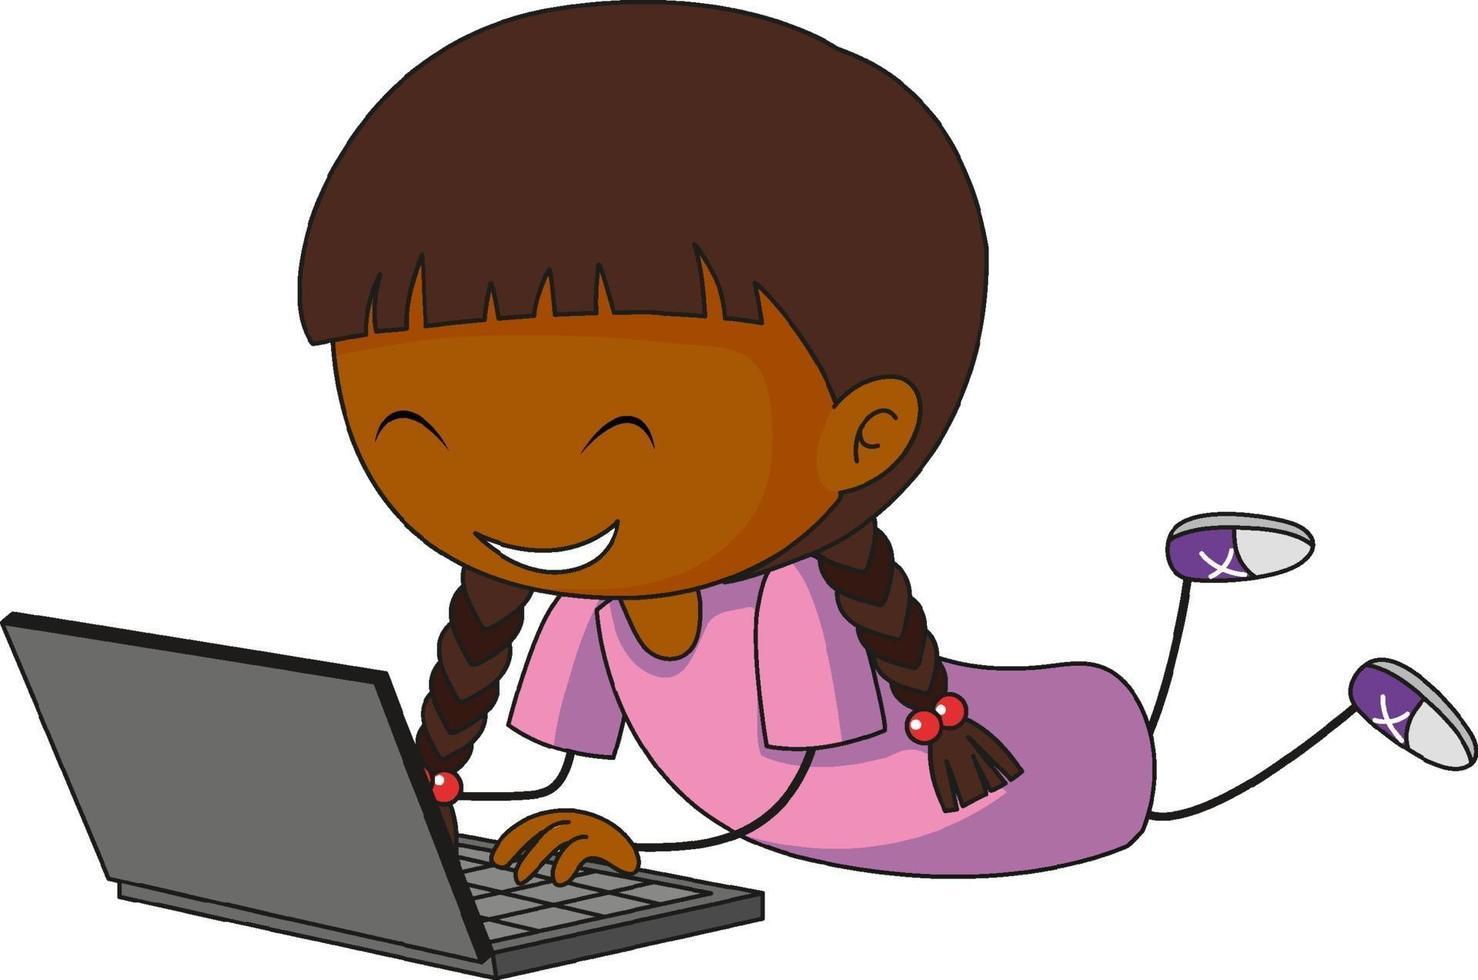 ein Gekritzelkind unter Verwendung der Laptop-Zeichentrickfigur isoliert vektor